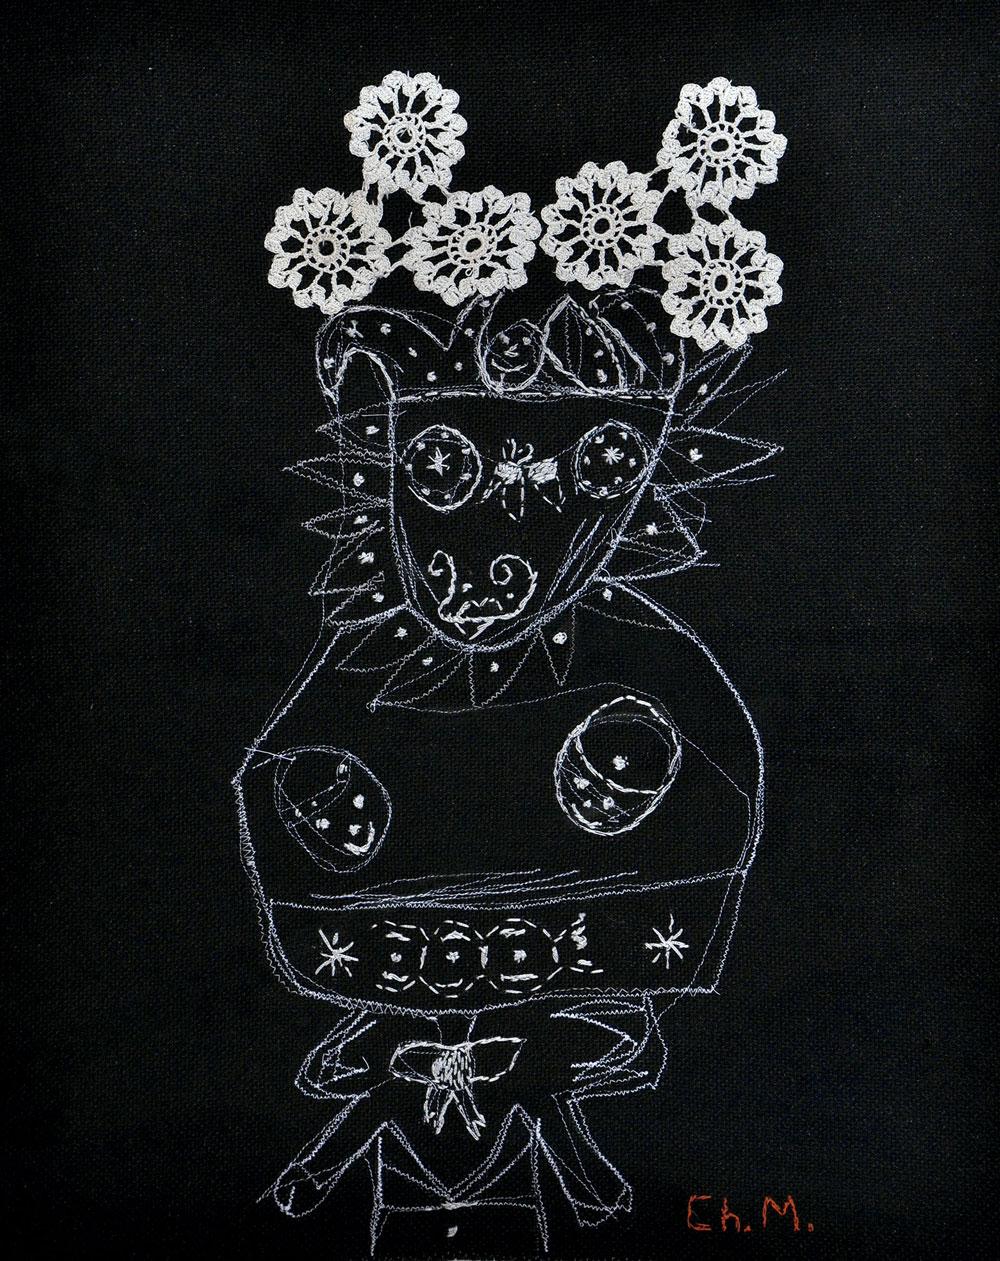 Sin título, 2007. Pespunte sobre lino (50 x 47 cm)